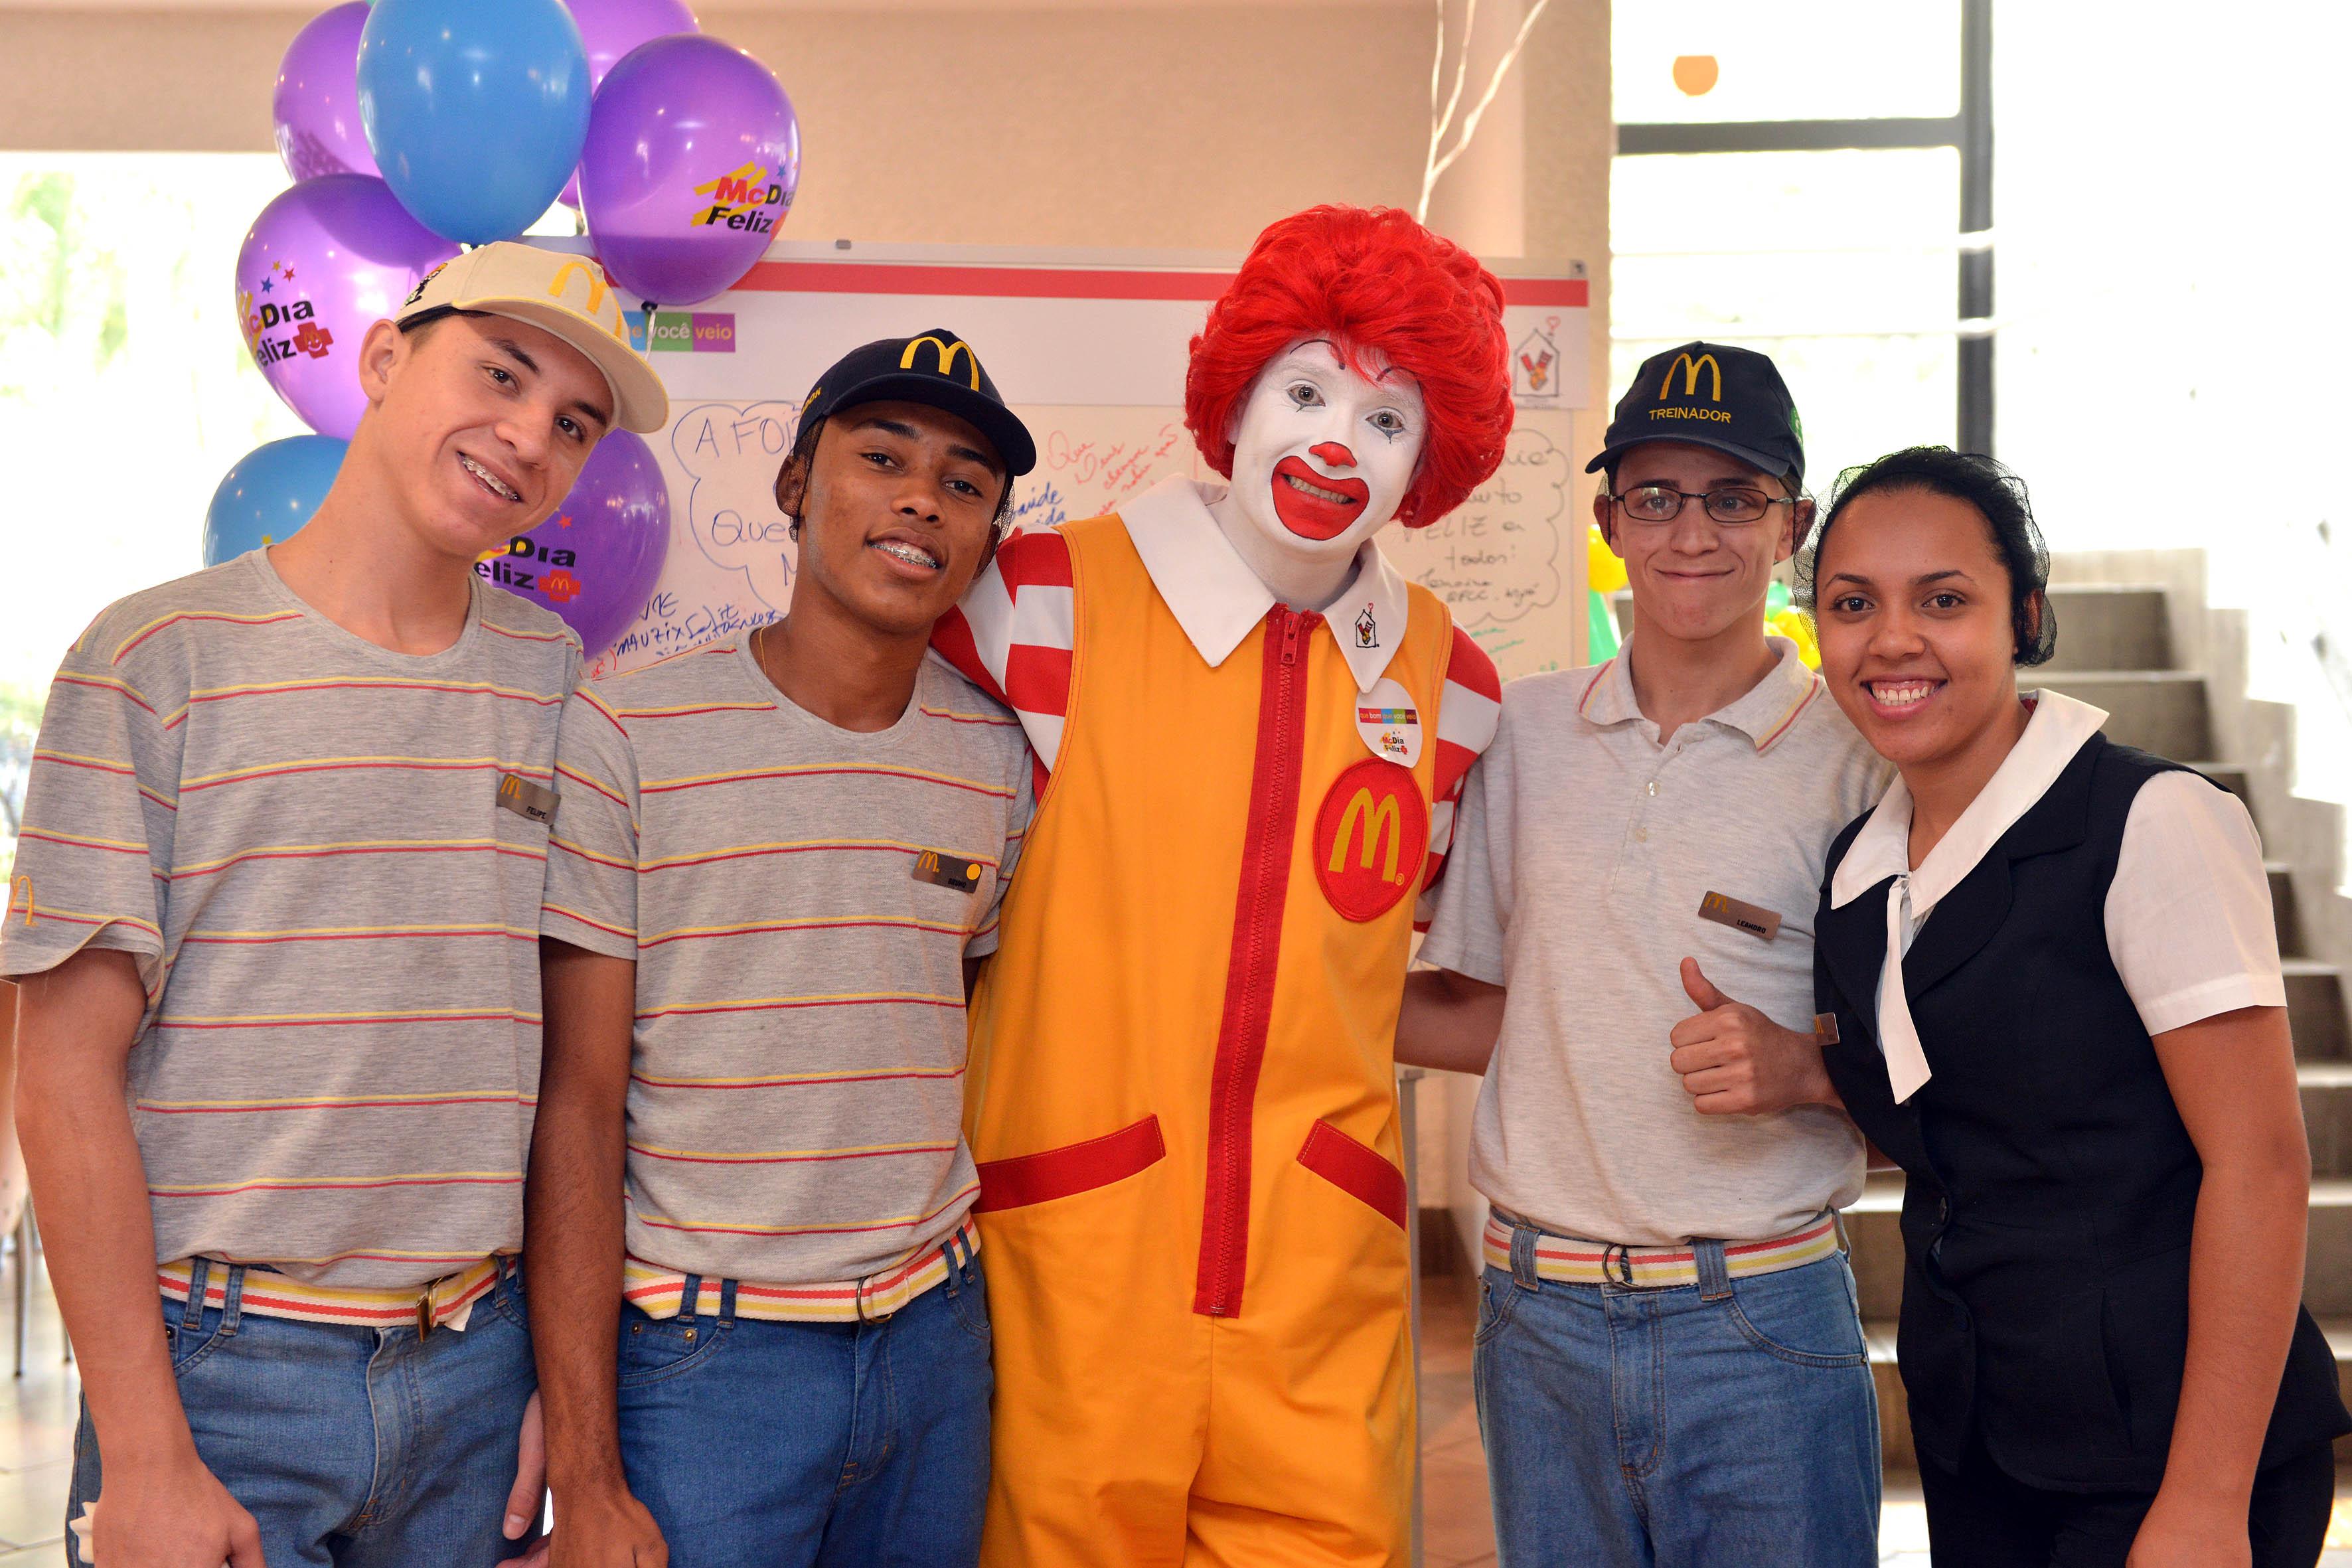 1011a582d40 McDia Feliz  campanha vai ajudar crianças e adolescentes com câncer no  Espírito Santo